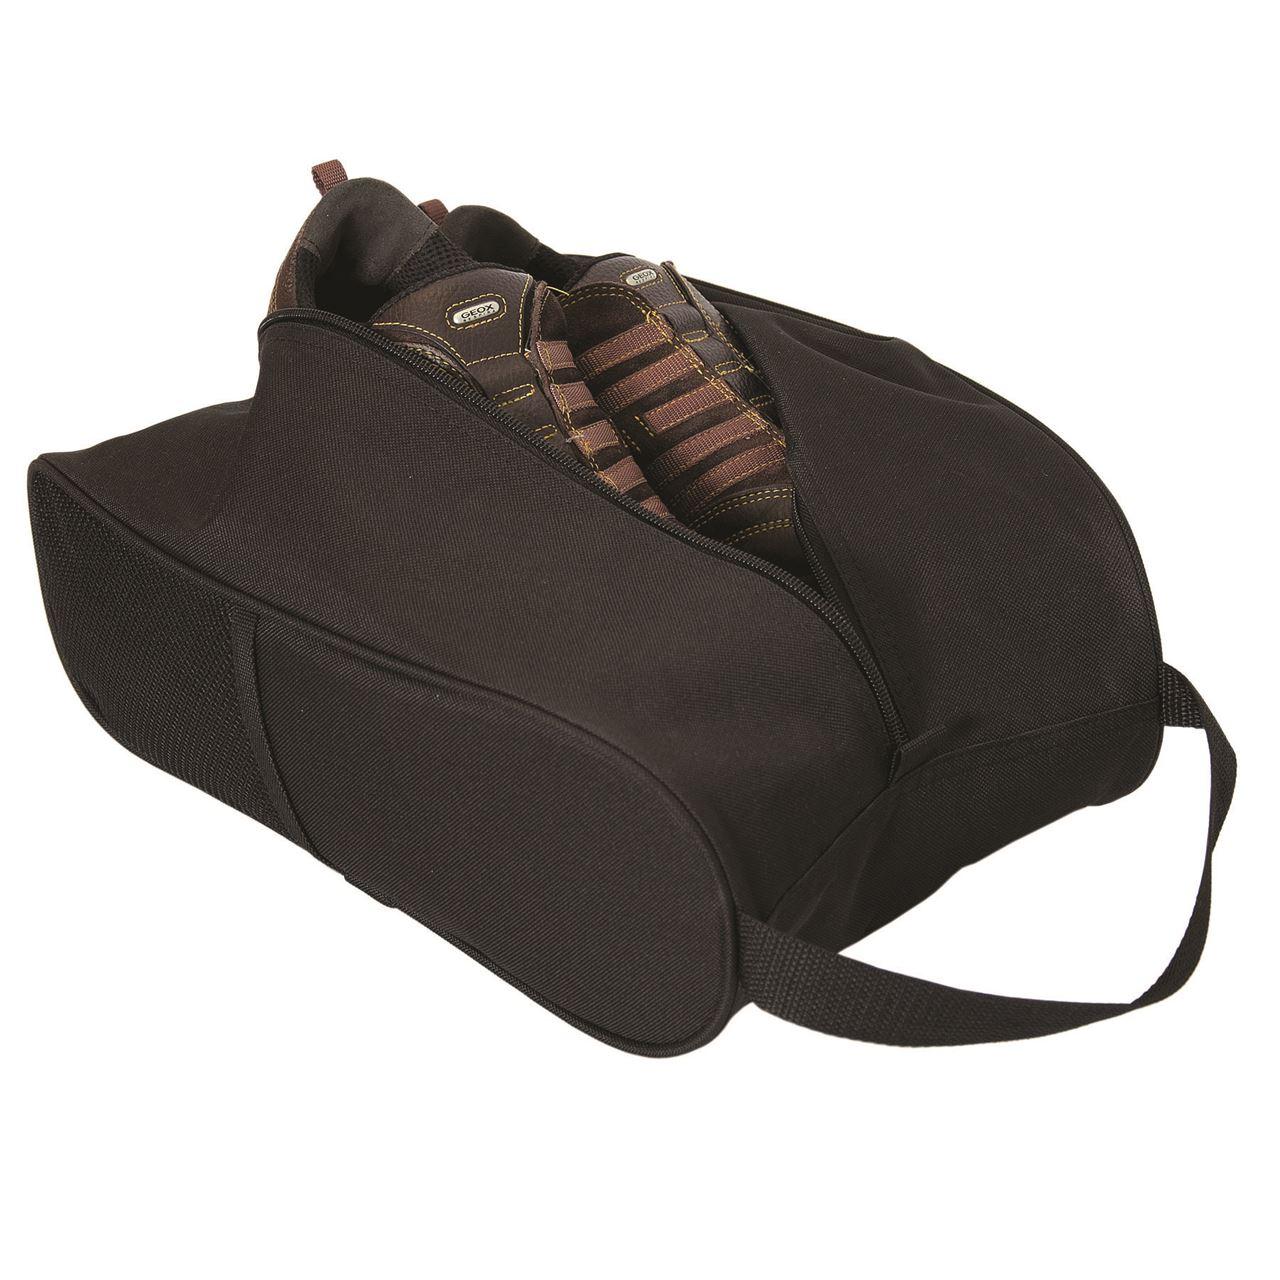 Debco Shoe Bag